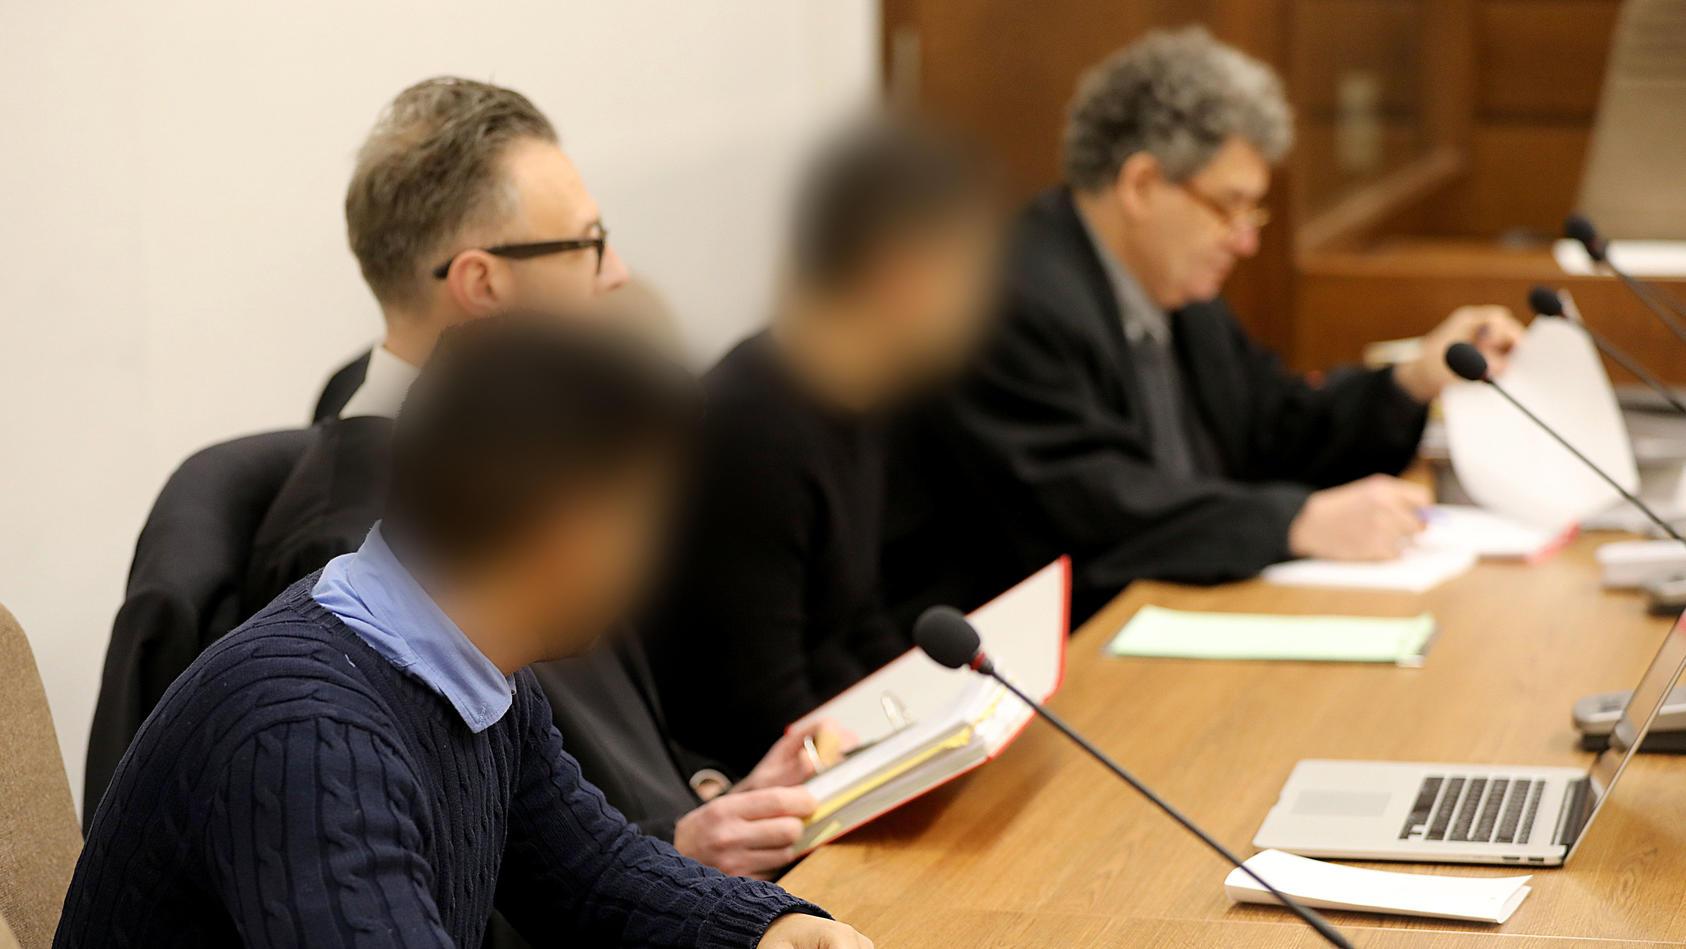 Das Kölner Landgericht hat die zwei Raser zu Haftstrafen ohne Bewährung verurteilt.